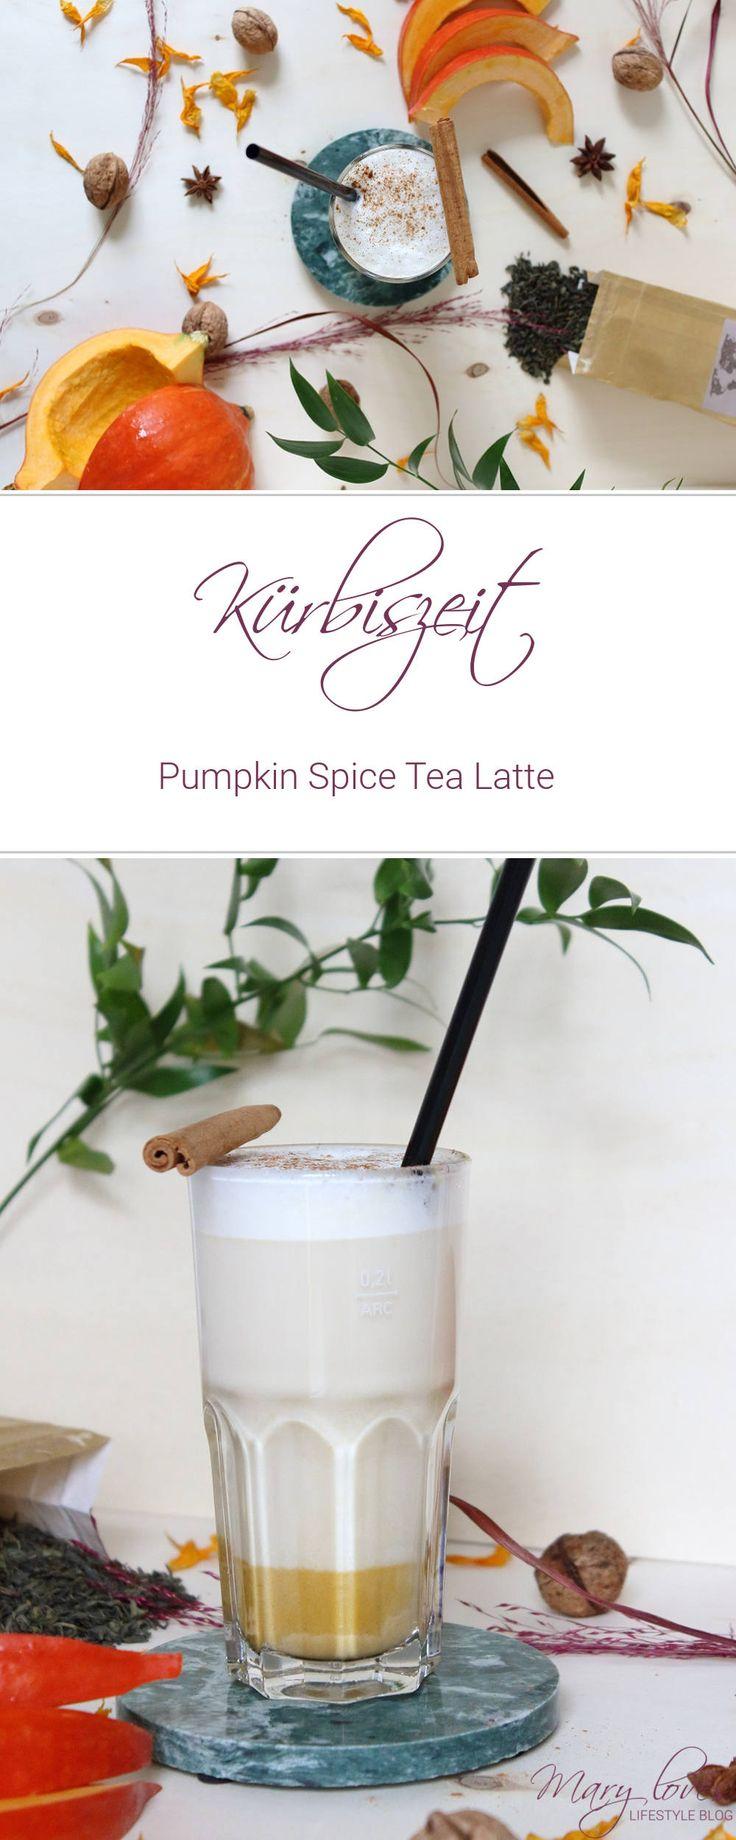 die besten 25 chai tee rezept ideen auf pinterest chai tee chai tee rezept und rezept chai. Black Bedroom Furniture Sets. Home Design Ideas